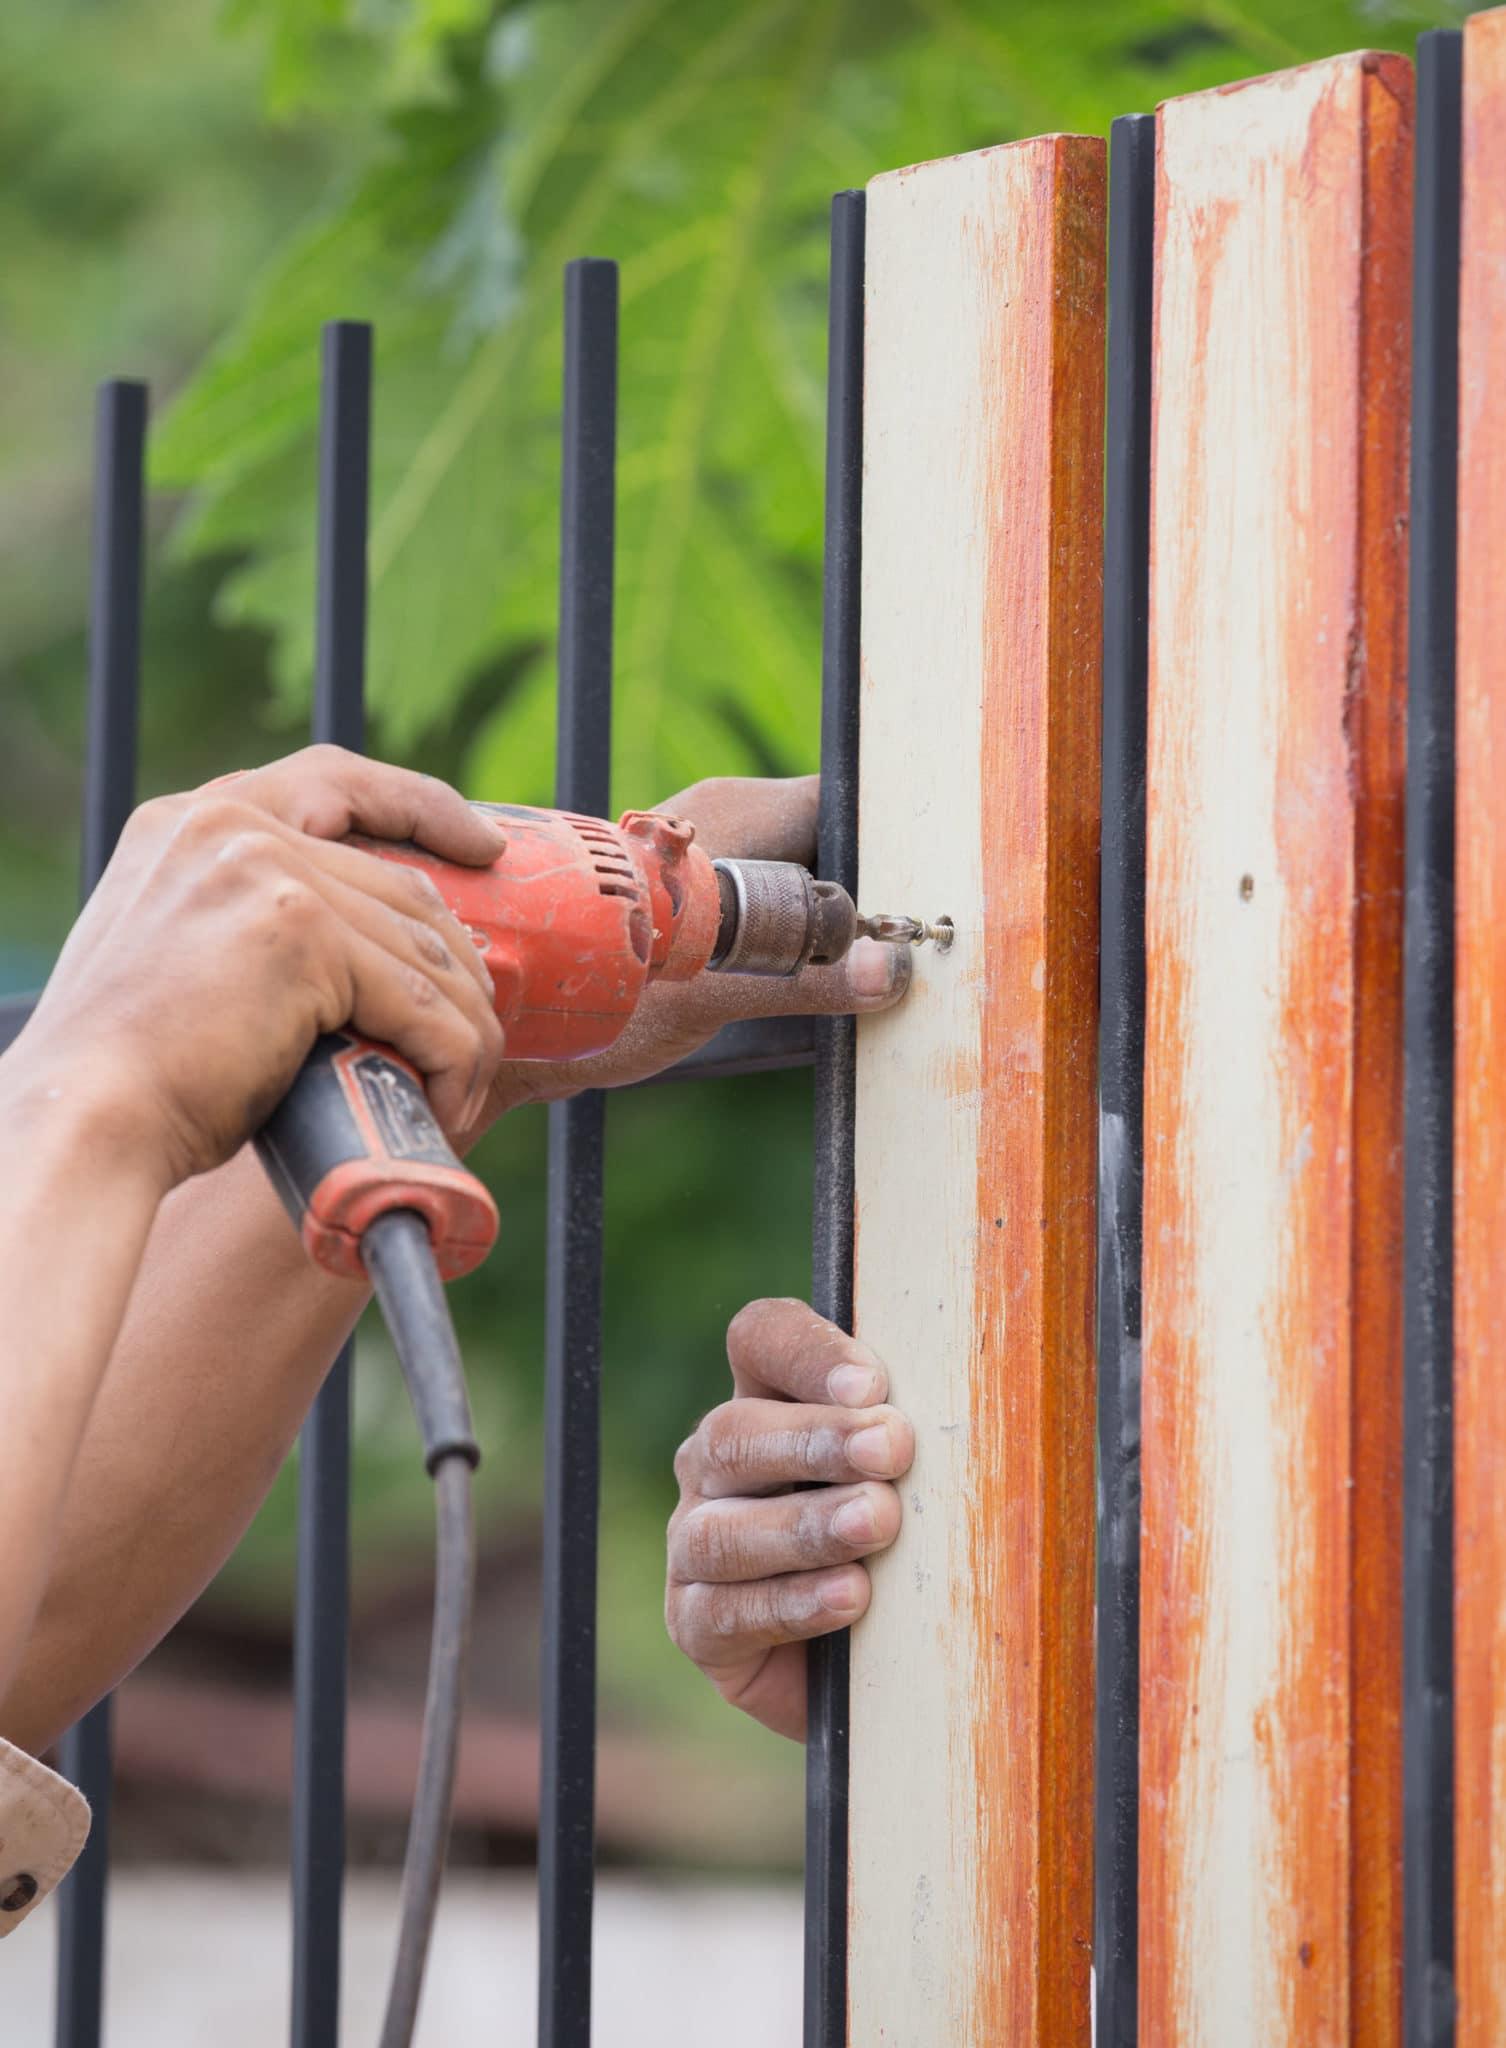 Handyman Fort Worth